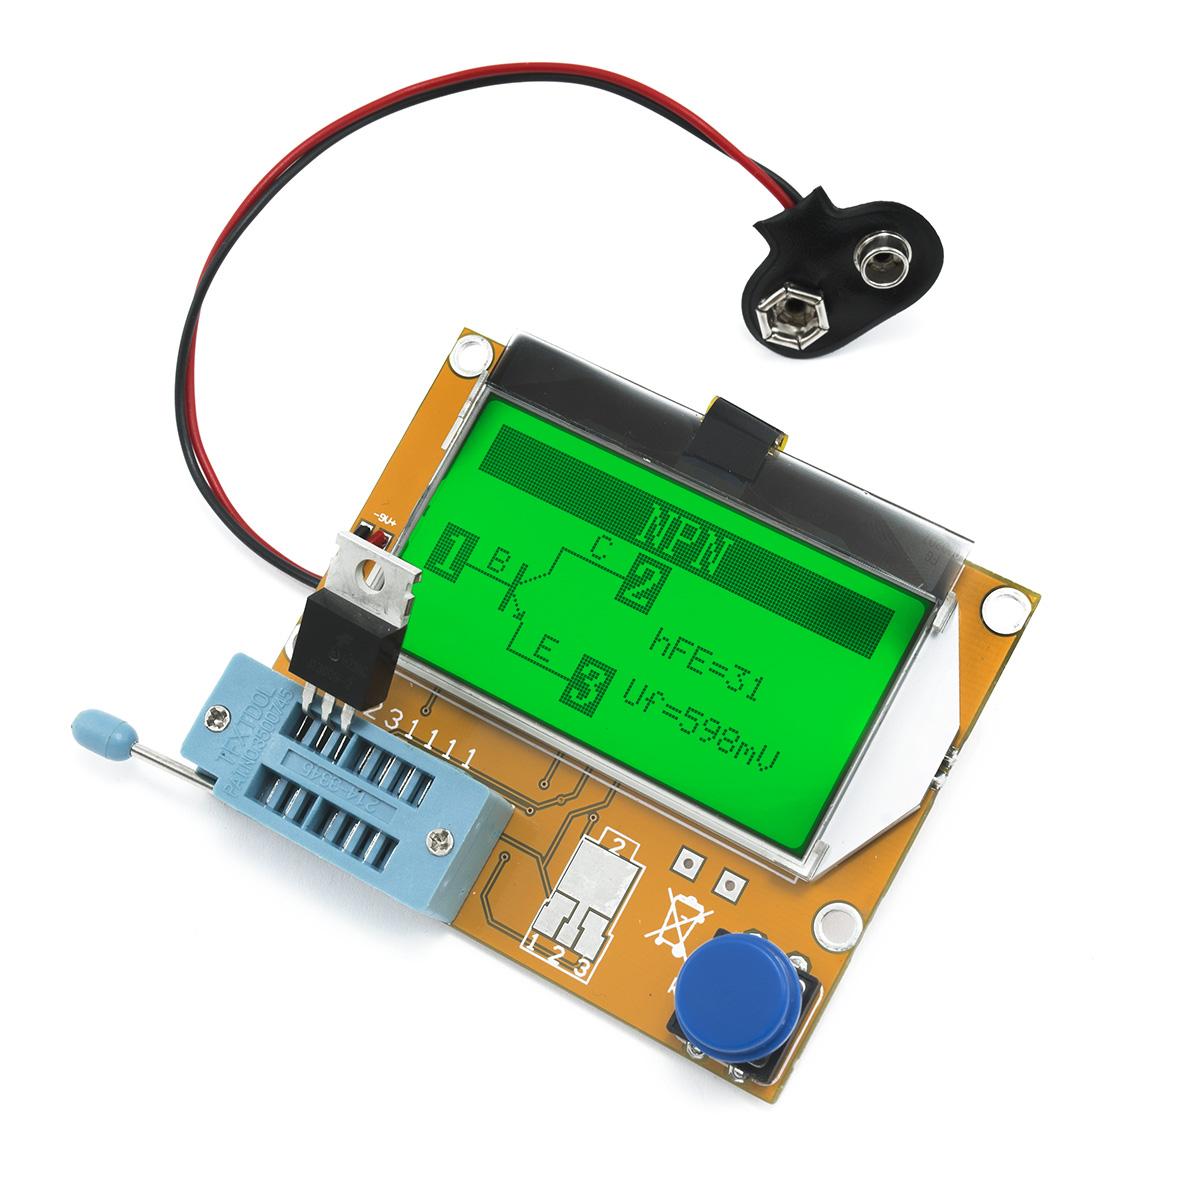 Automatický tester RLC, ESR a polovodičových součástek DIY